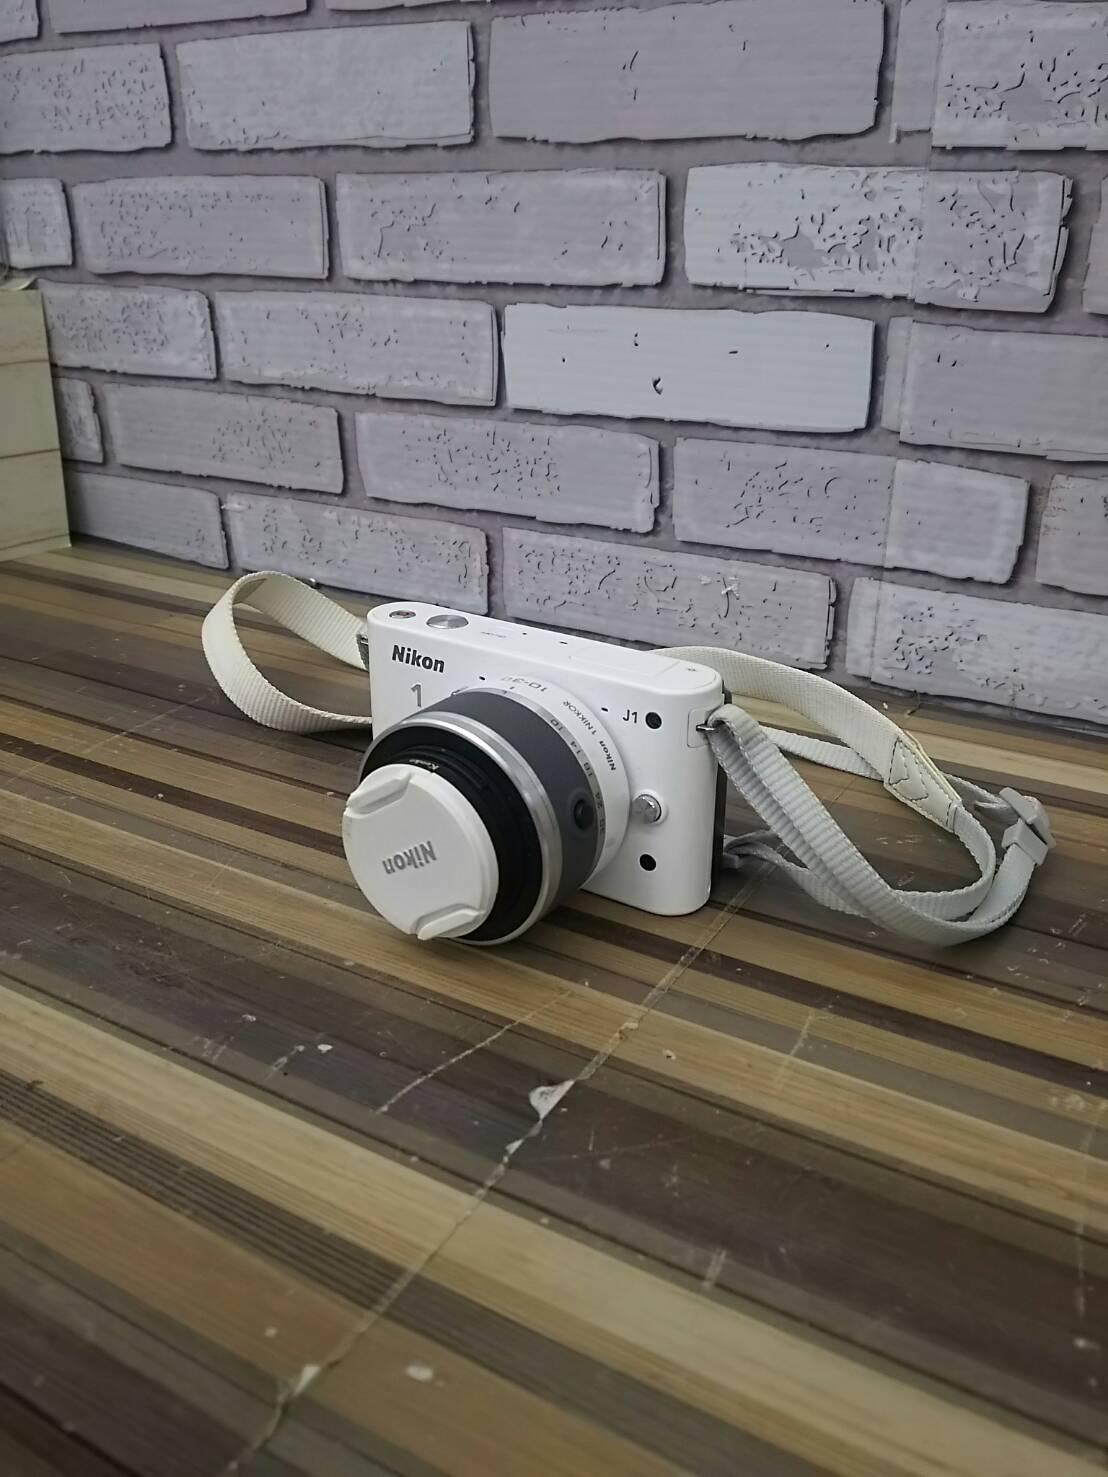 【Nikon/ニコン ミラーレス一眼カメラ Nikon1 (ニコンワン) J1  ホワイト】を買取致しました。の買取-